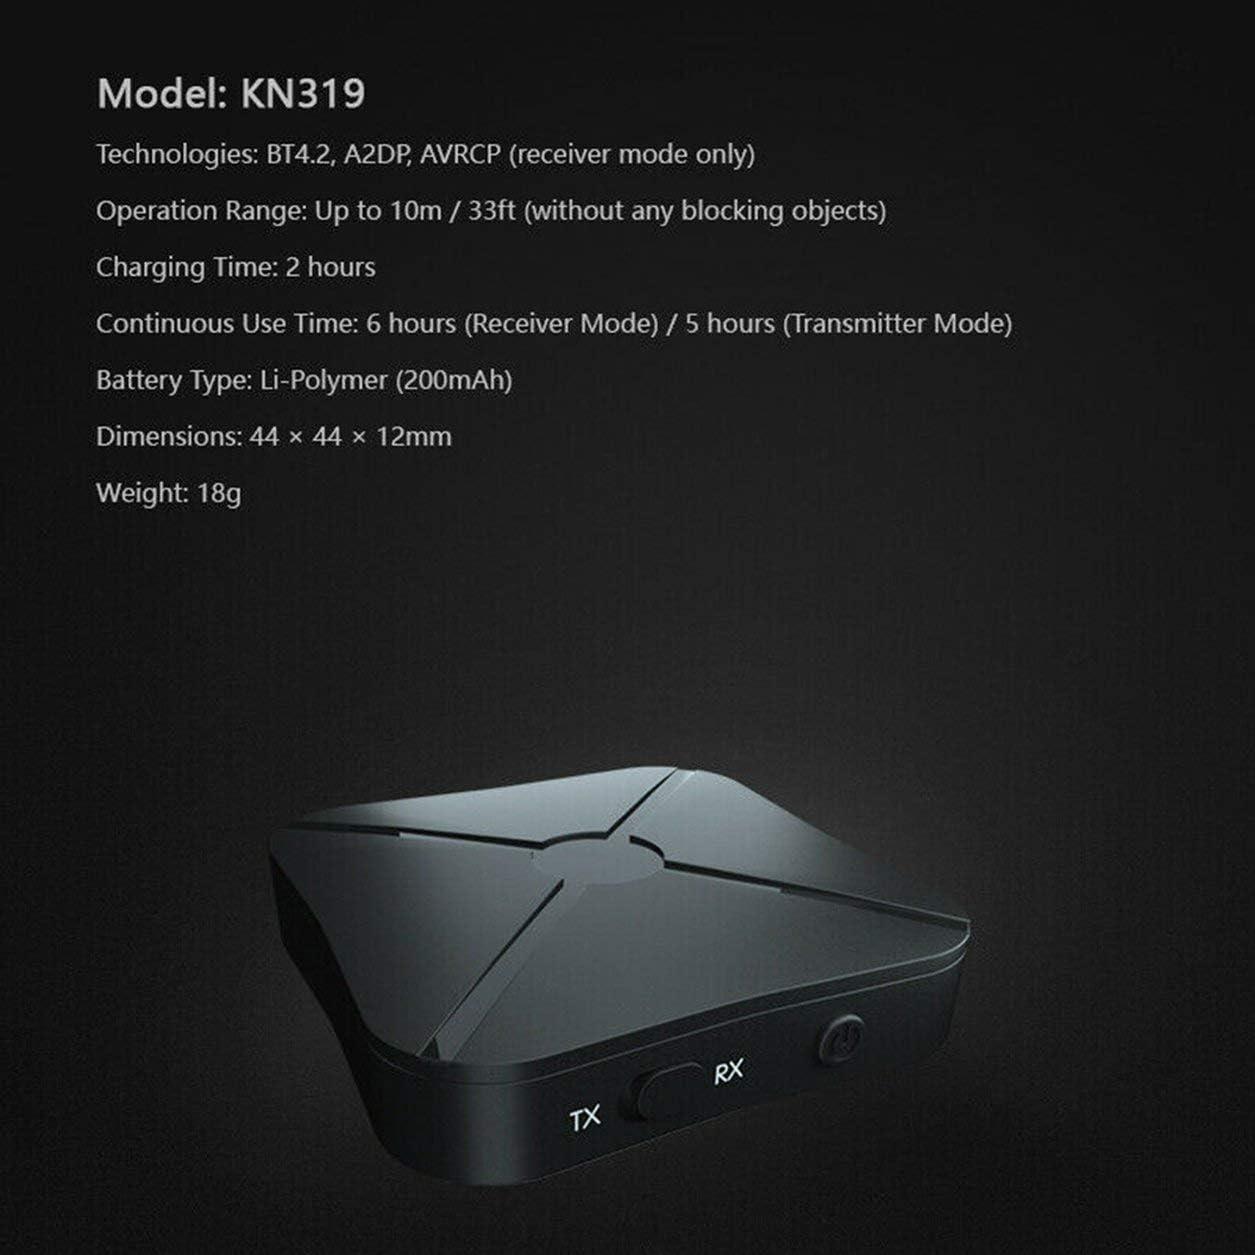 4.2 Adaptateur Audio /Émetteur R/écepteur Deux-en-Un /Émetteur TV R/écepteur Audio De Voiture Transmission Stable